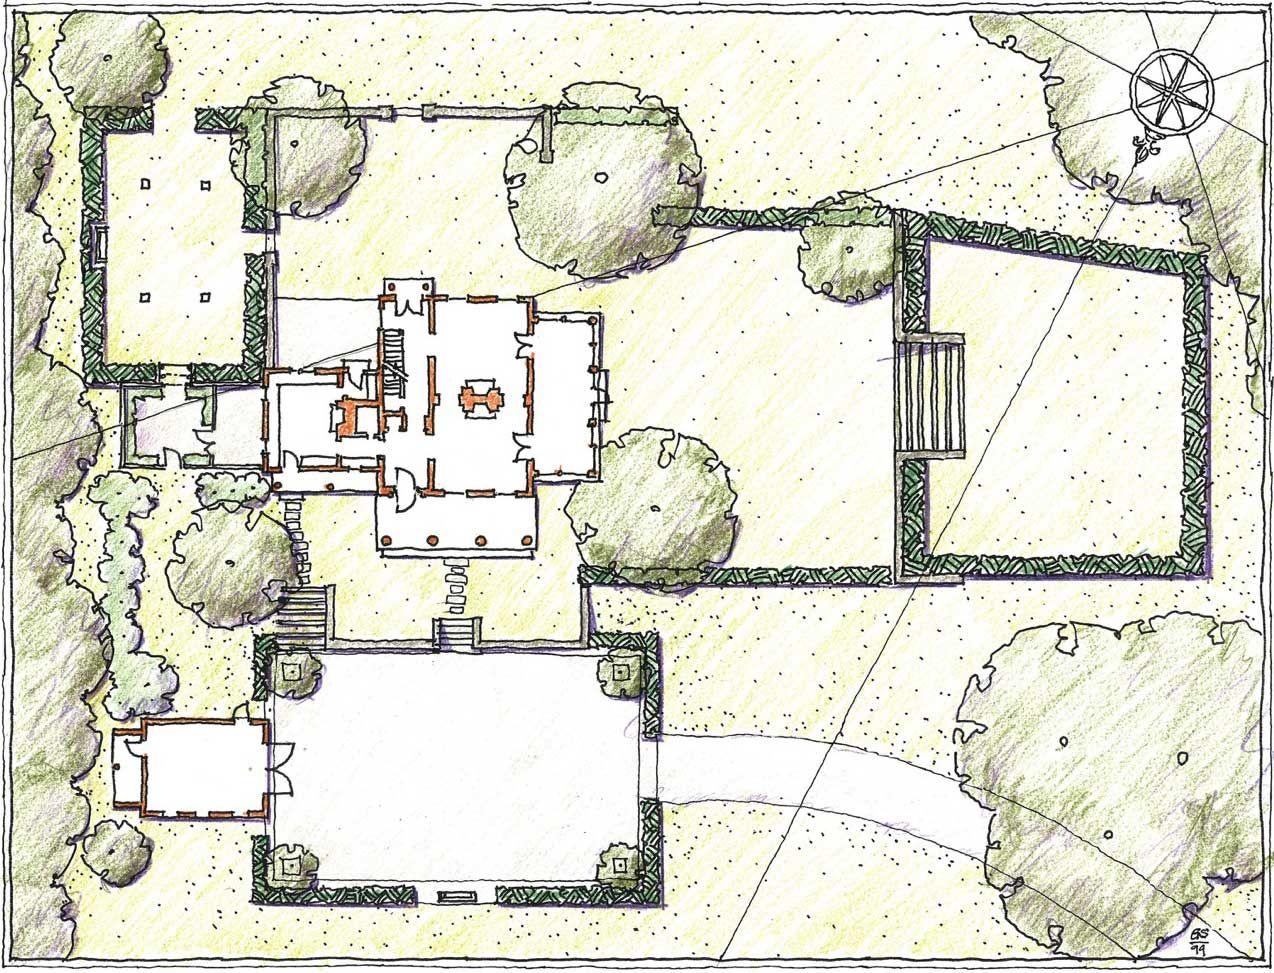 g p schafer architect pllc [ 1274 x 973 Pixel ]